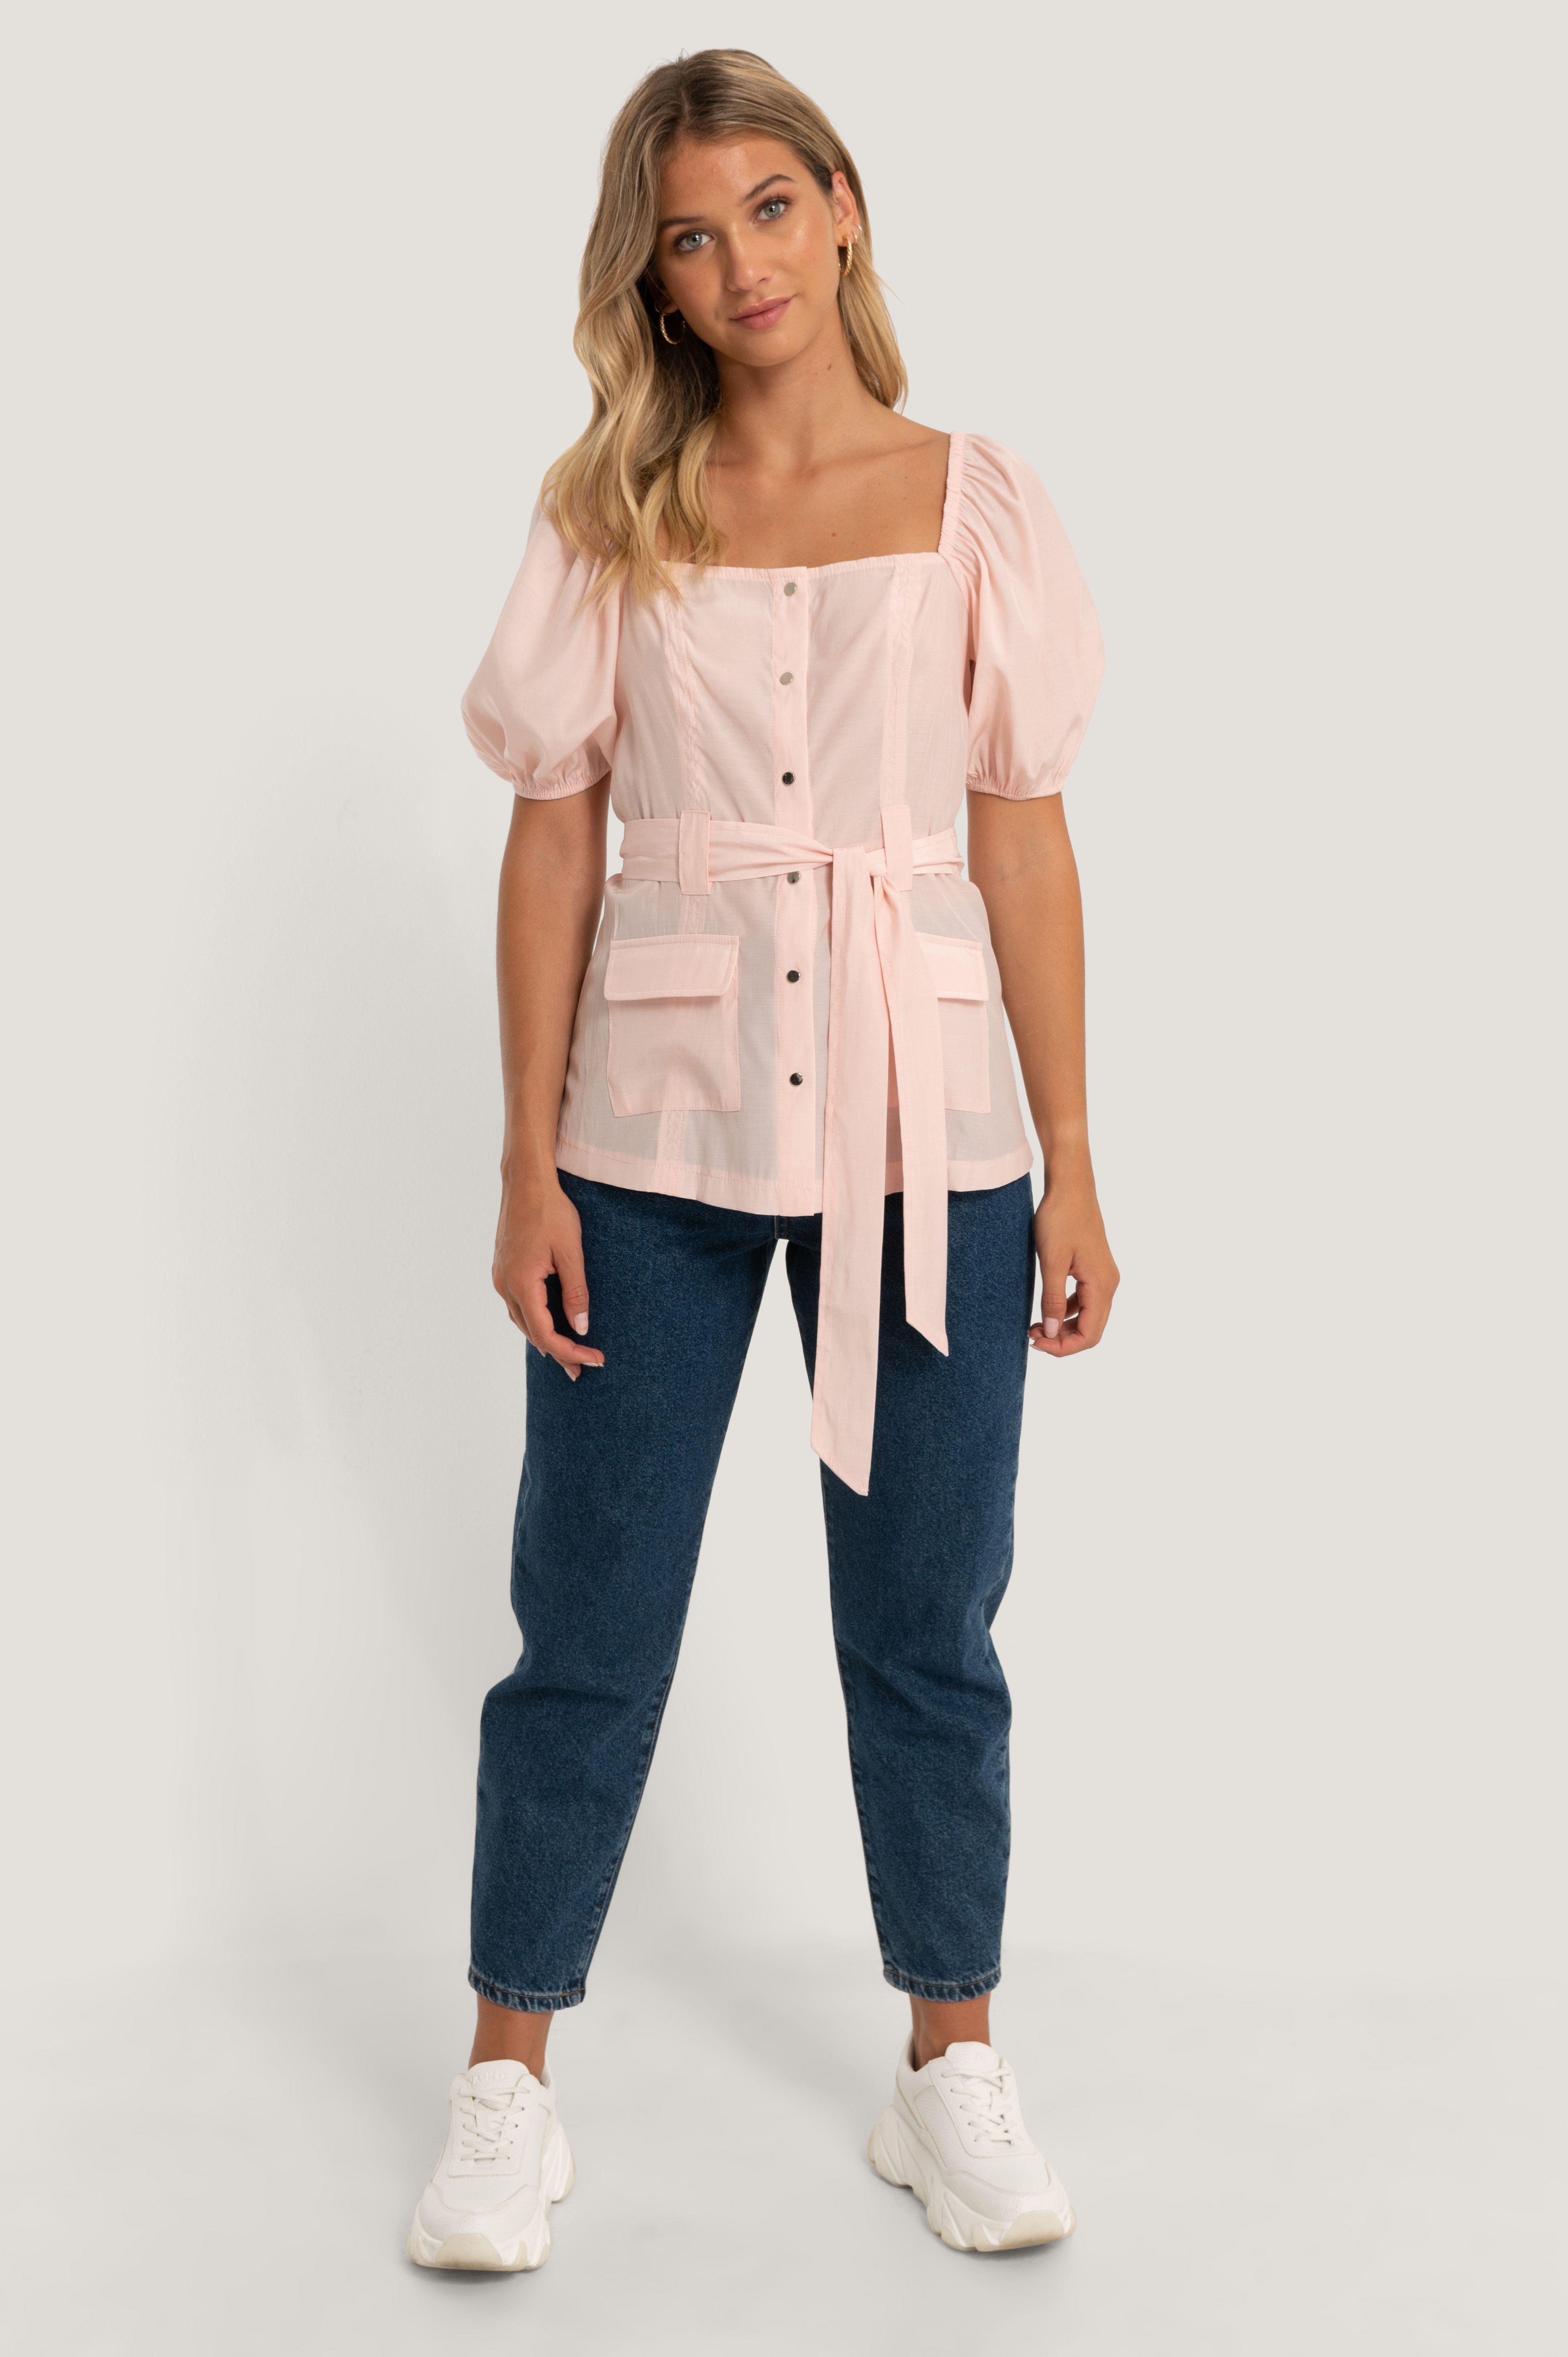 NA-KD skjortebluse, pink, 36